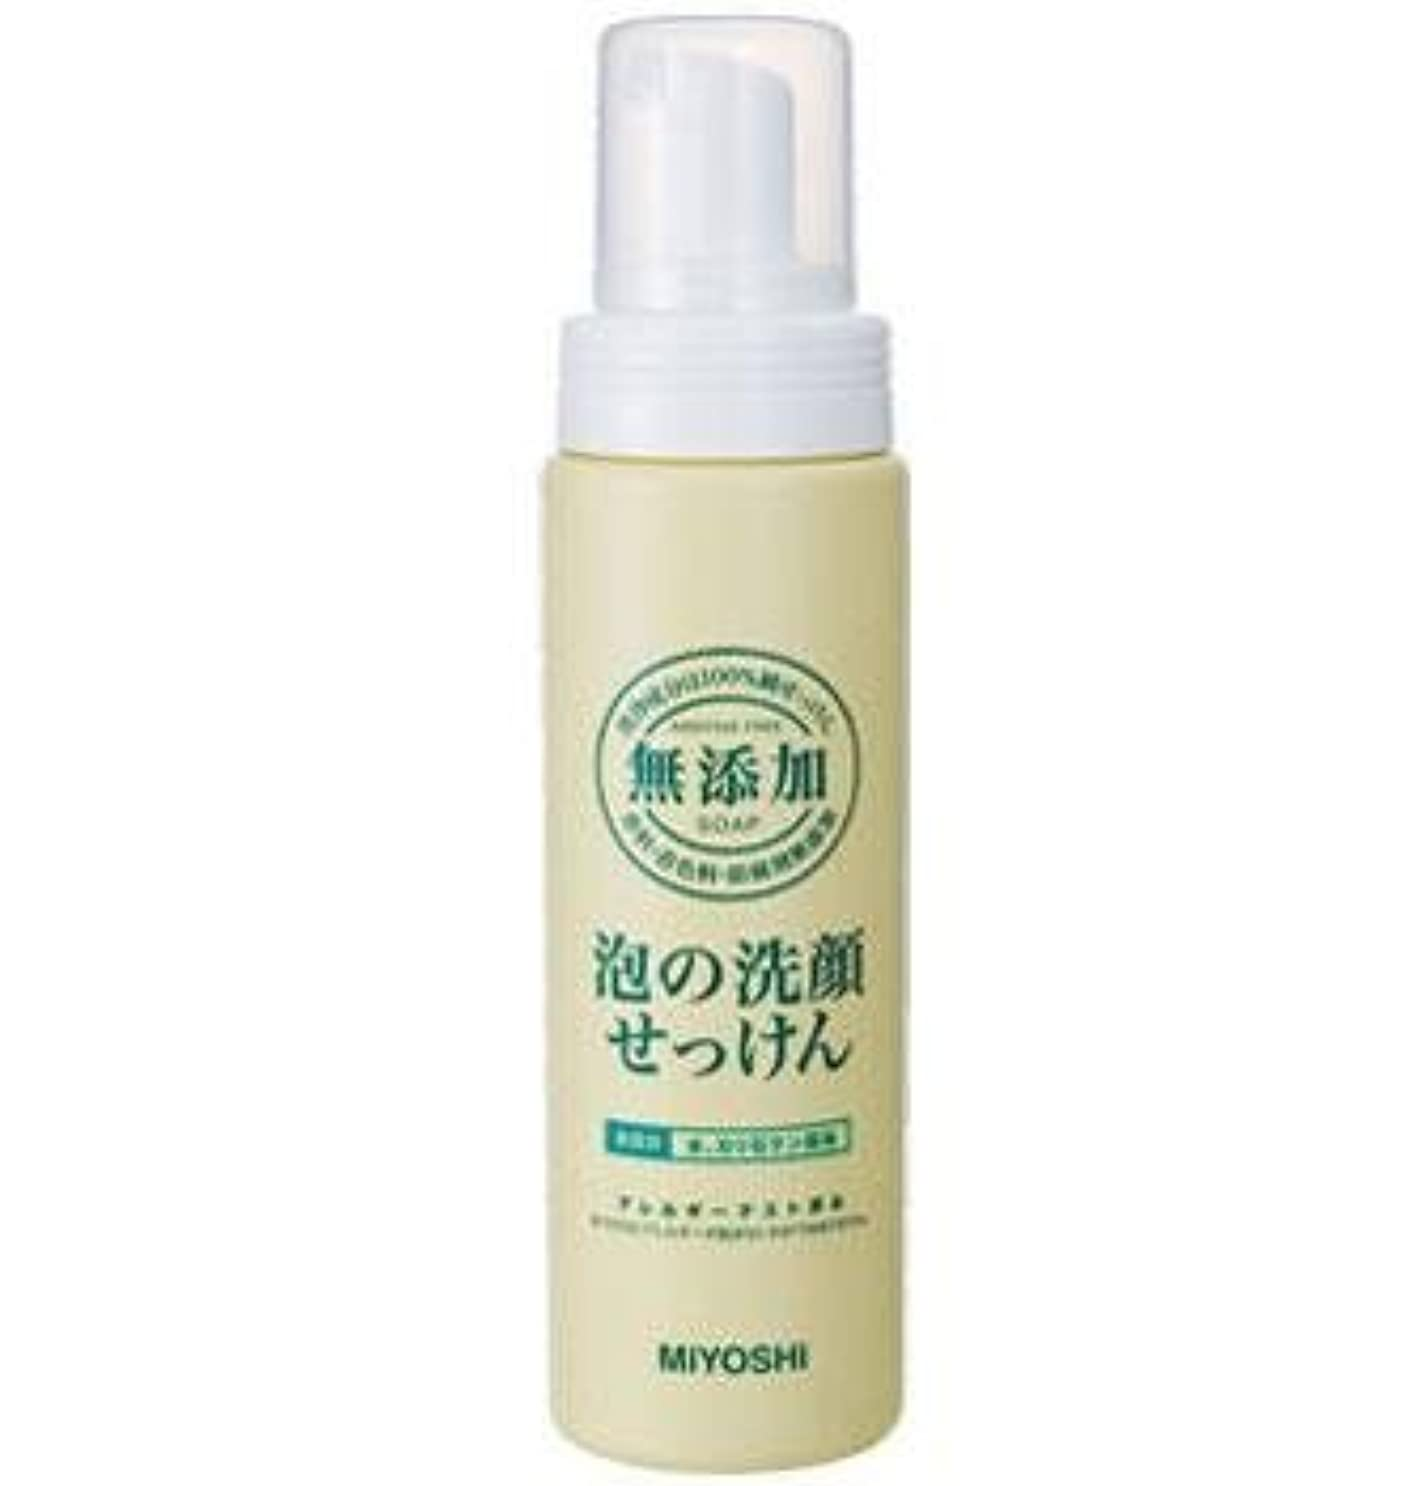 破滅熱狂的なレイプミヨシ石鹸 無添加 泡の洗顔せっけん ポンプ 200ml(無添加石鹸)×24点セット (4537130120019)